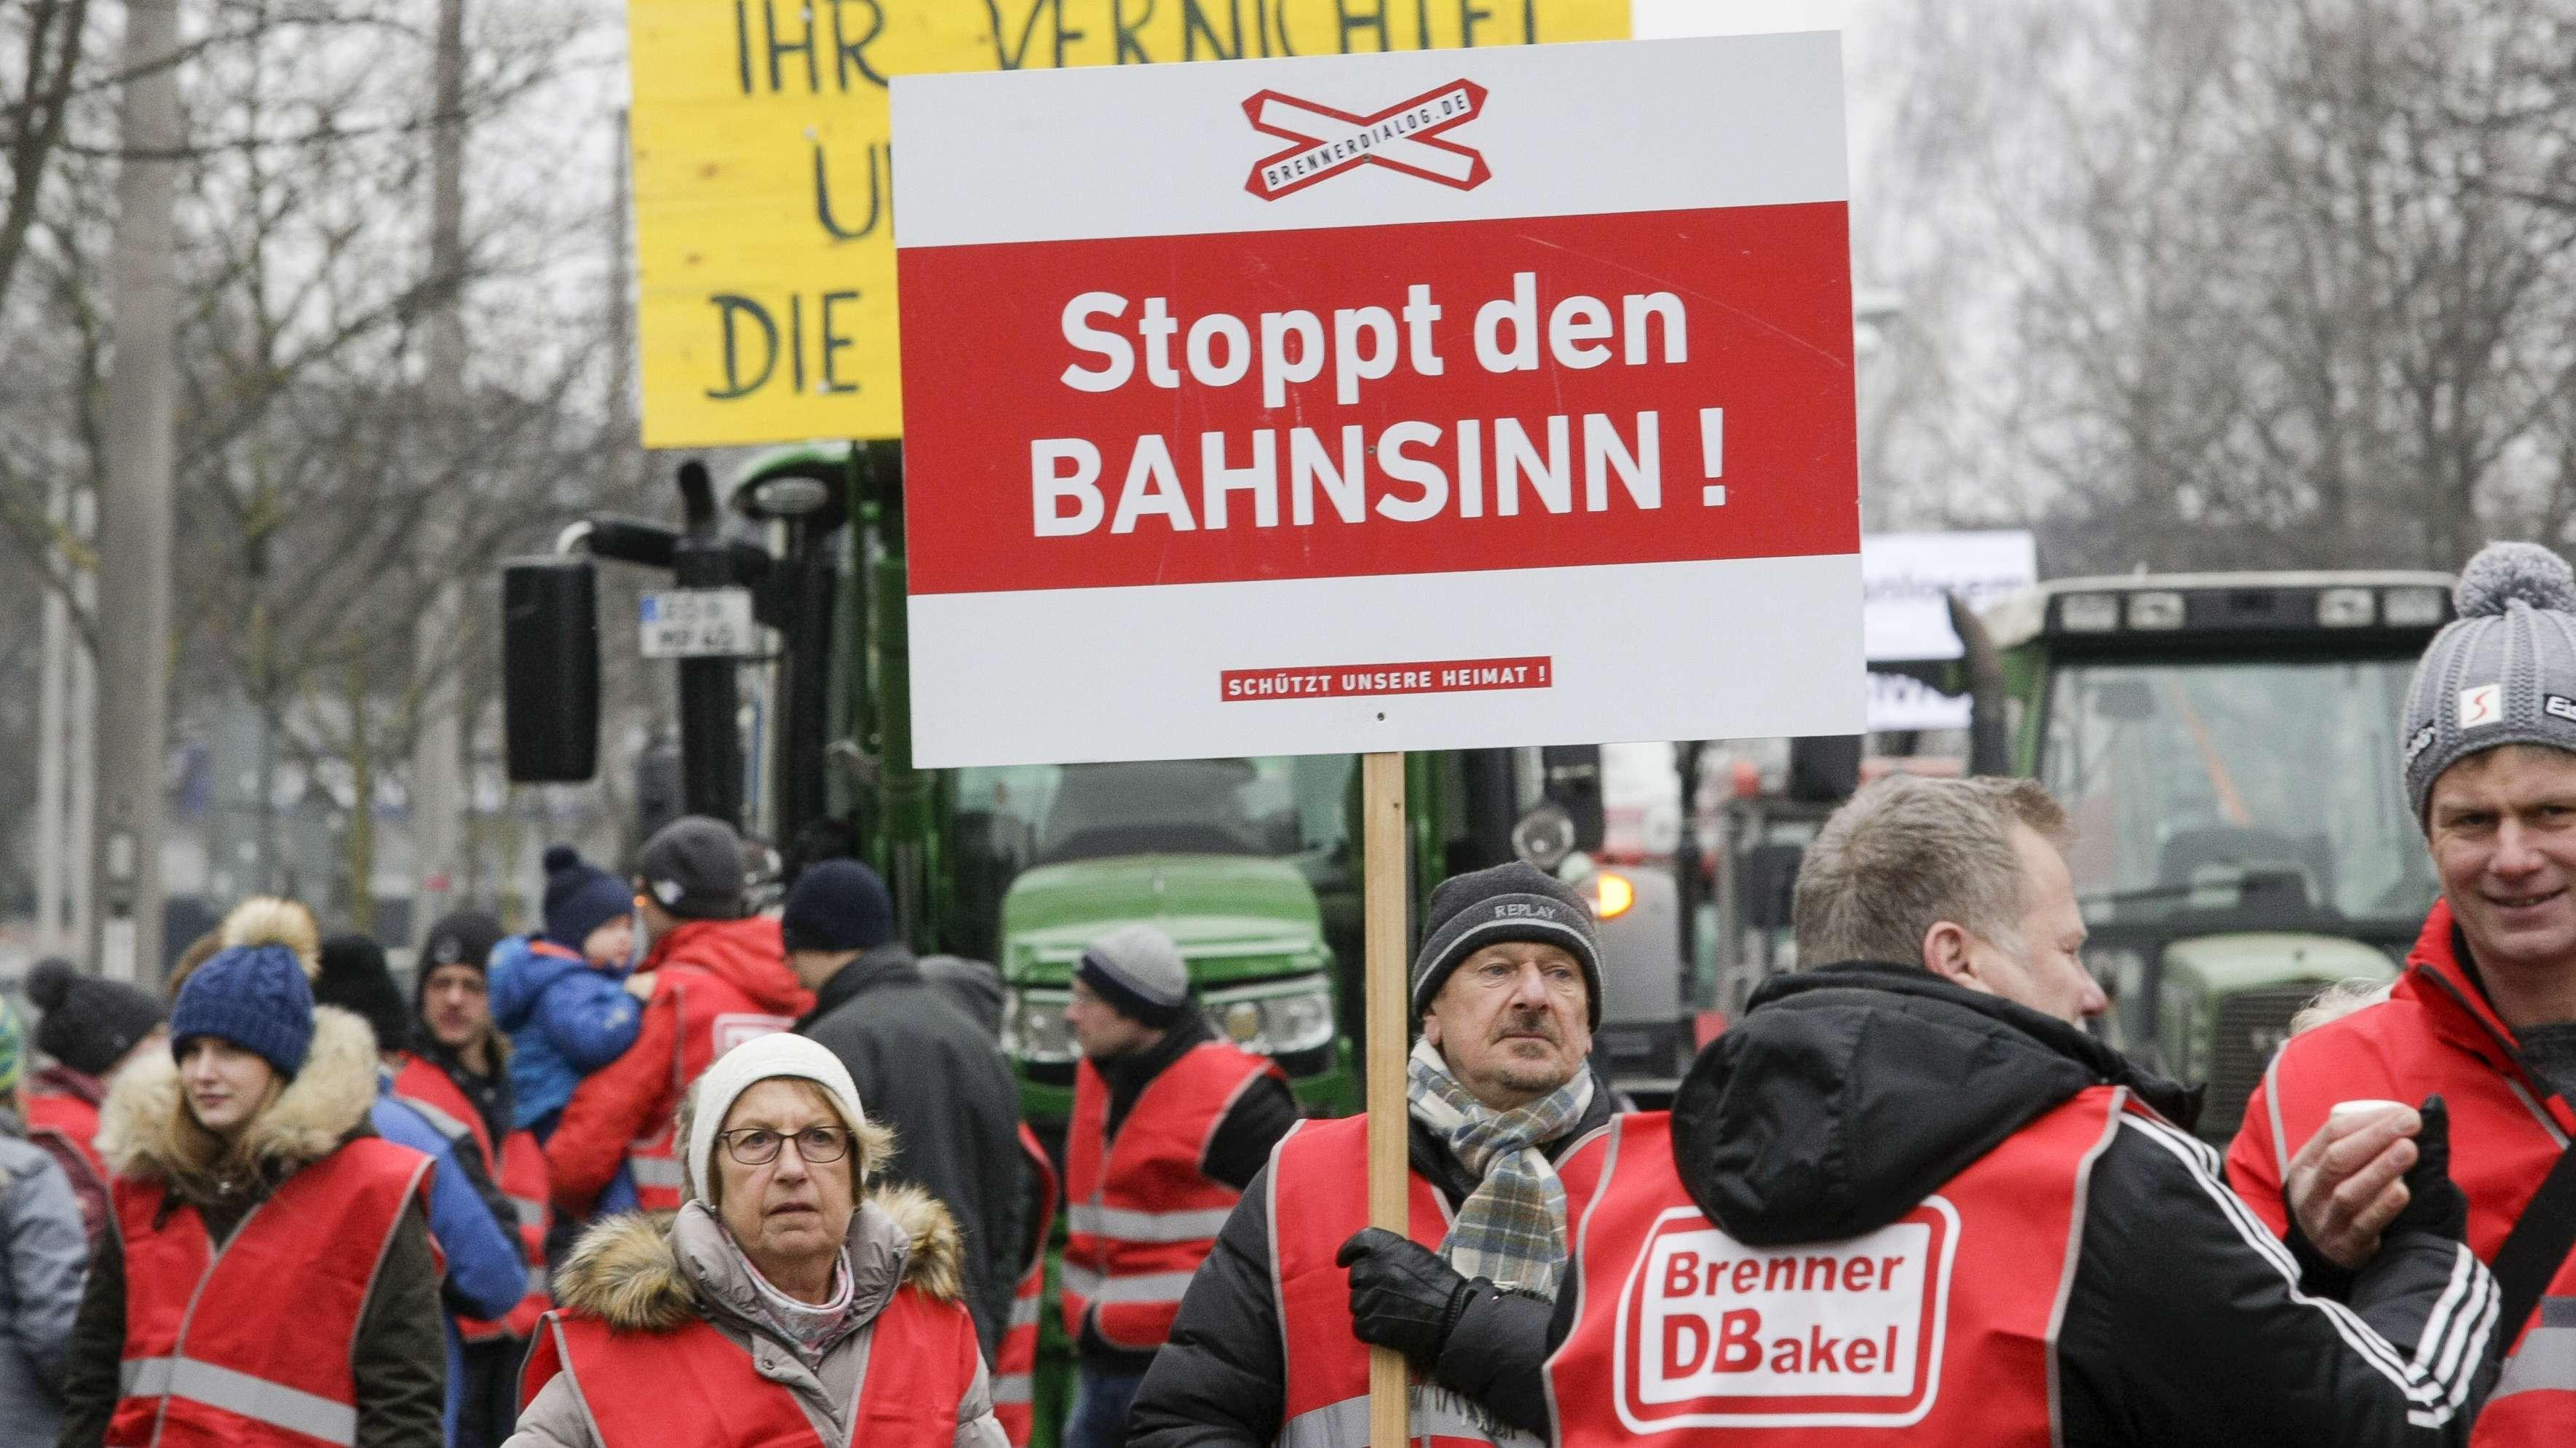 Gegner des Brenner-Nordzulaufs demonstrieren am 21. Januar in Rosenheim.